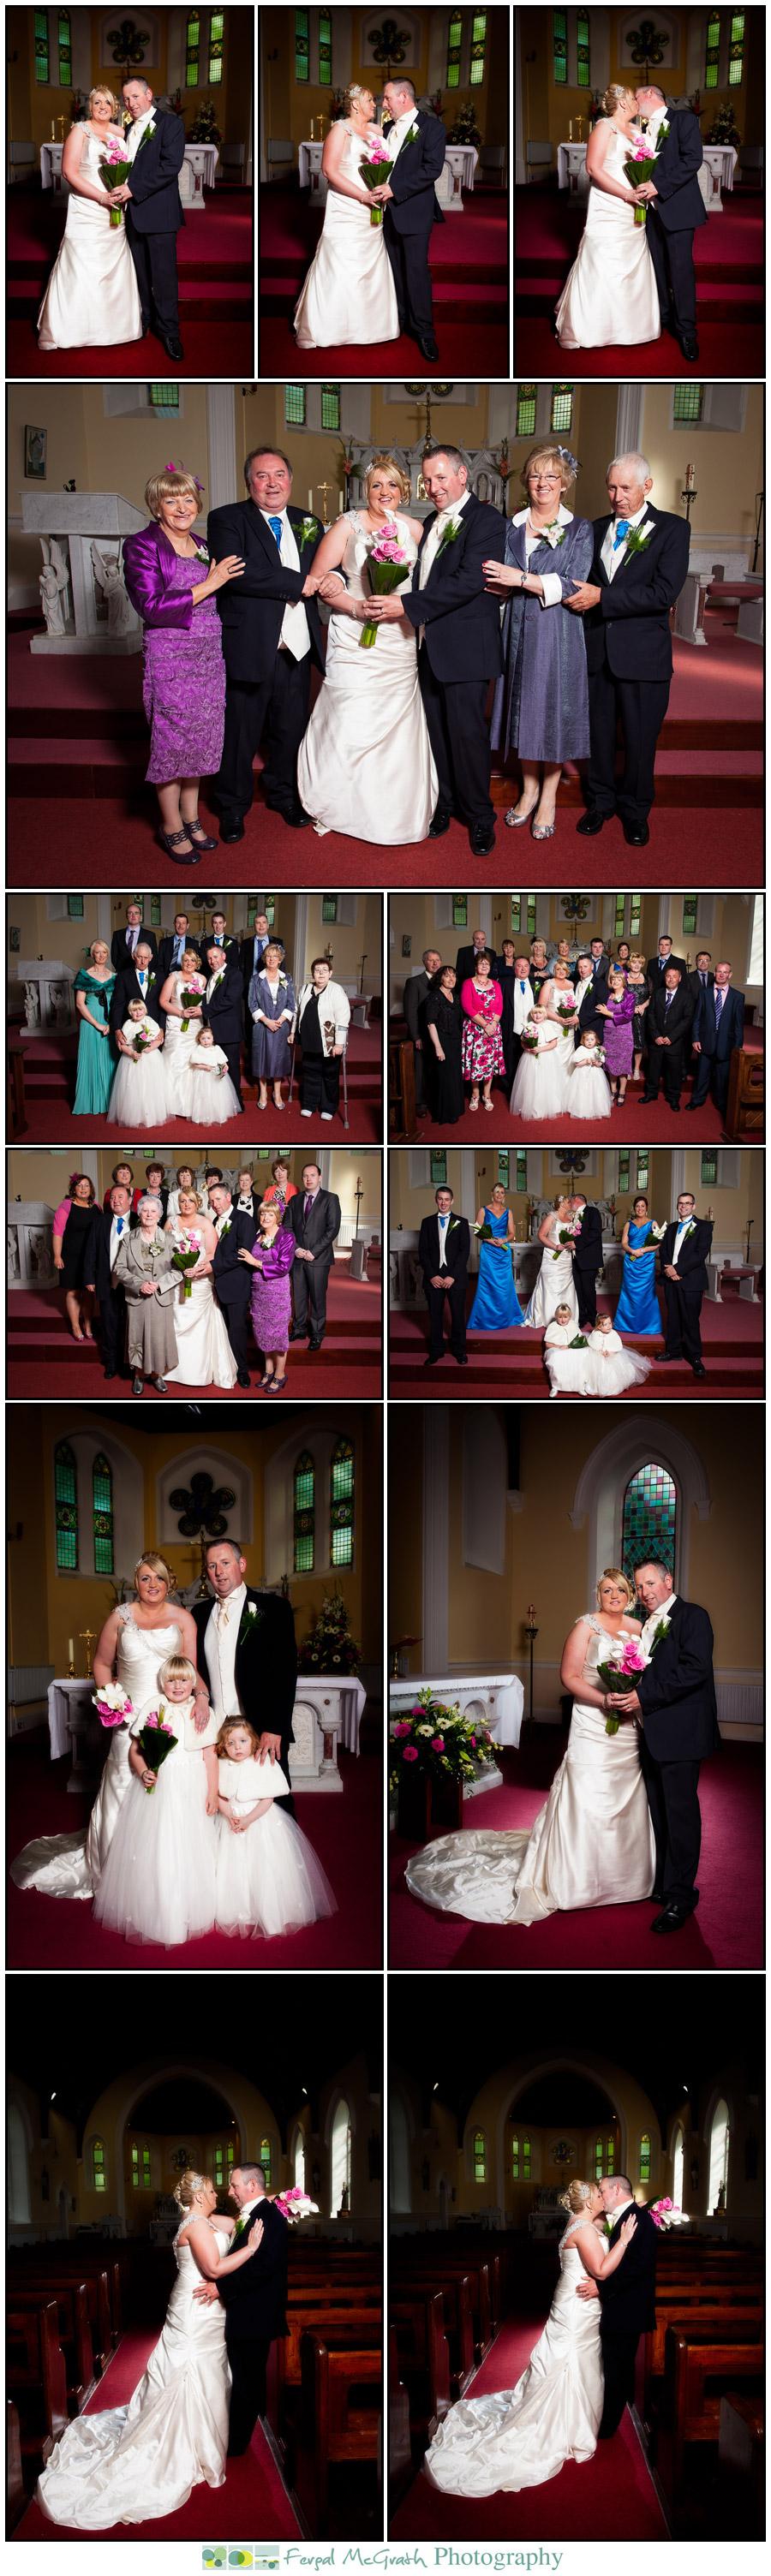 Diane and Martin Gavigan wedding photos 4